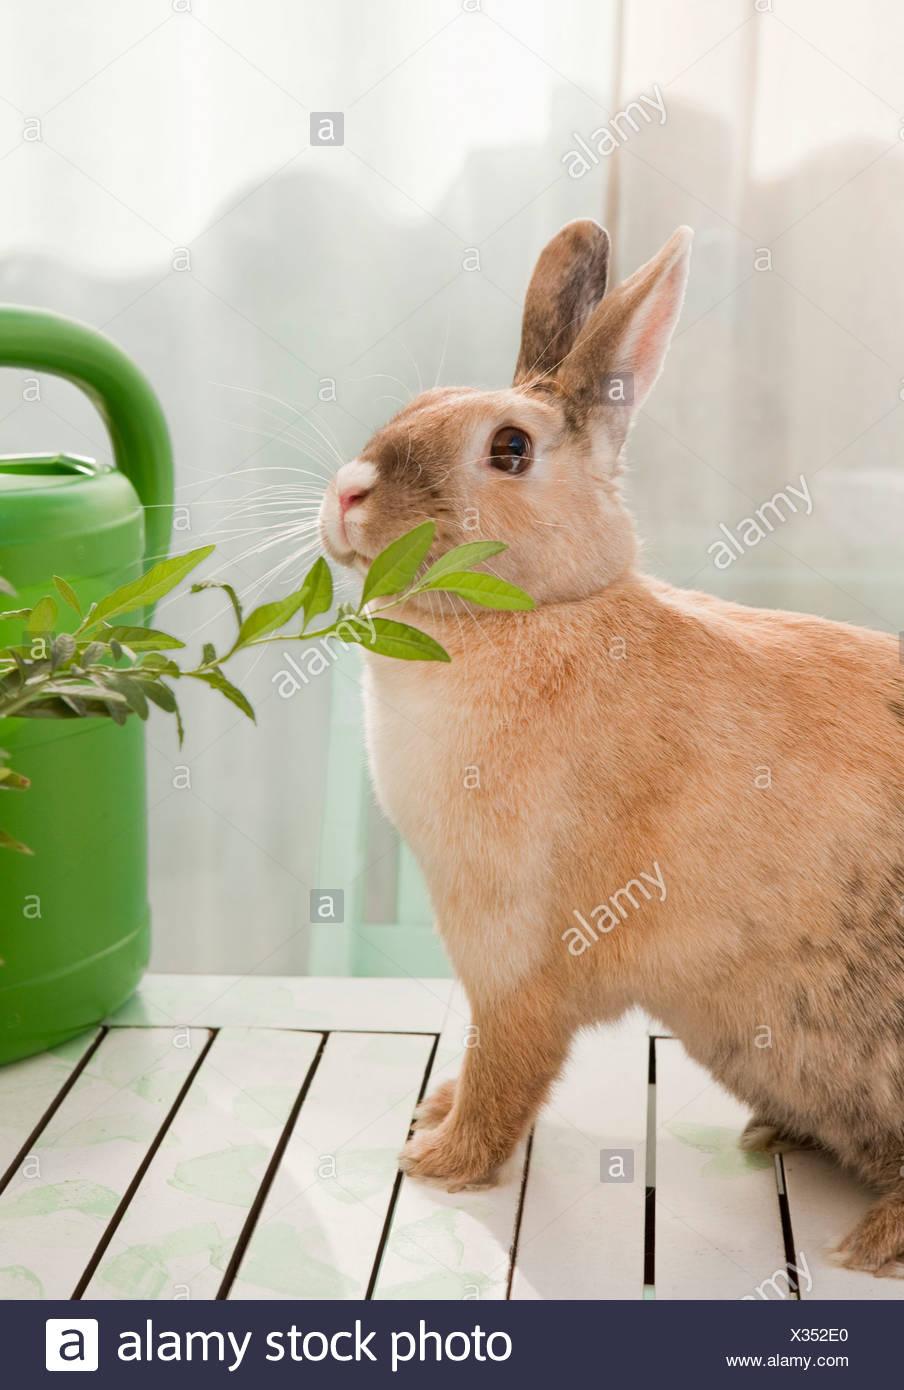 Inhalación de conejo en una sucursal Imagen De Stock